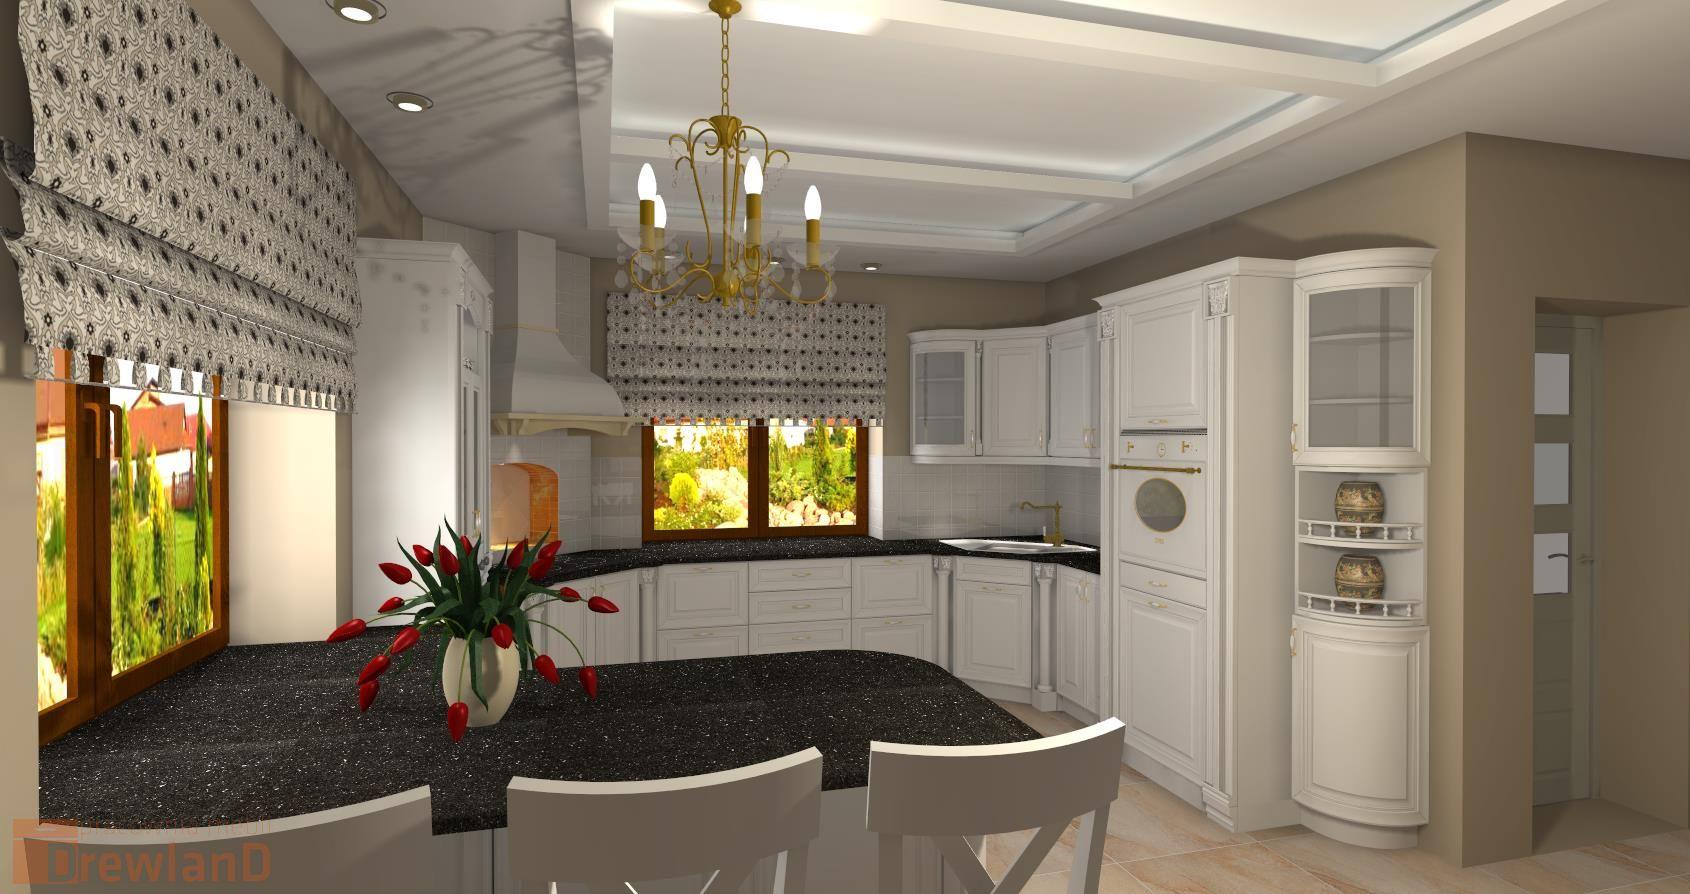 Meble kuchenne, meble dedykowane, projektowanie  Drewland  -> Kuchnia Drewniana Krakpol